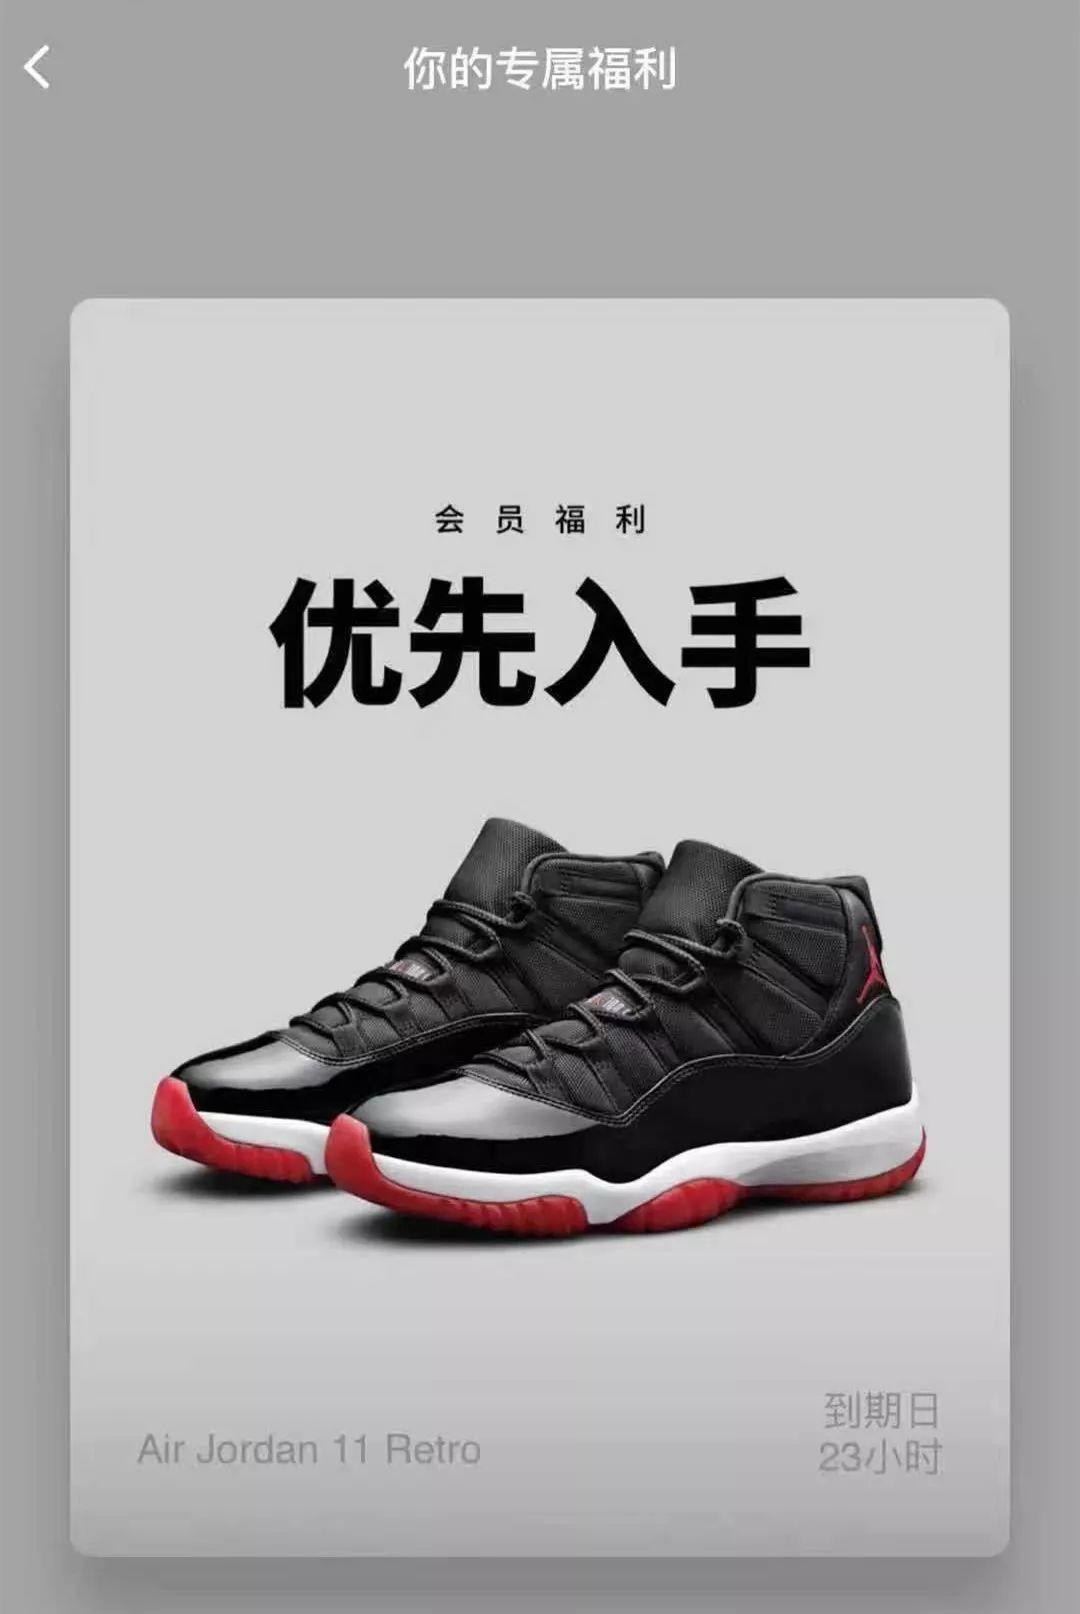 人均专属??耐克突袭Air Jordan开始你抢到吗?